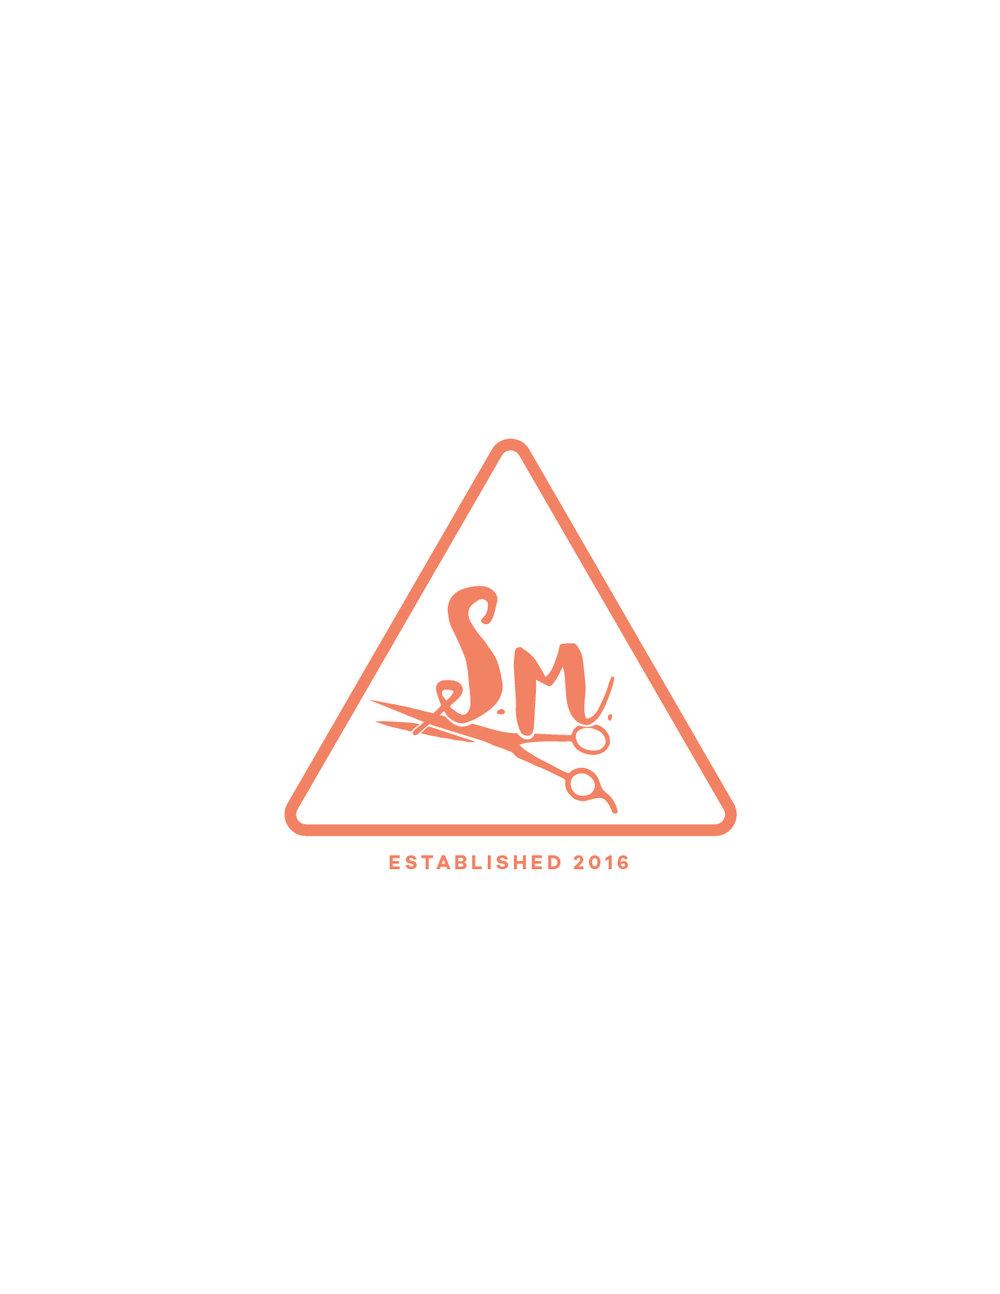 the-four-design-sammi-mac-logo-concepts-4.jpg